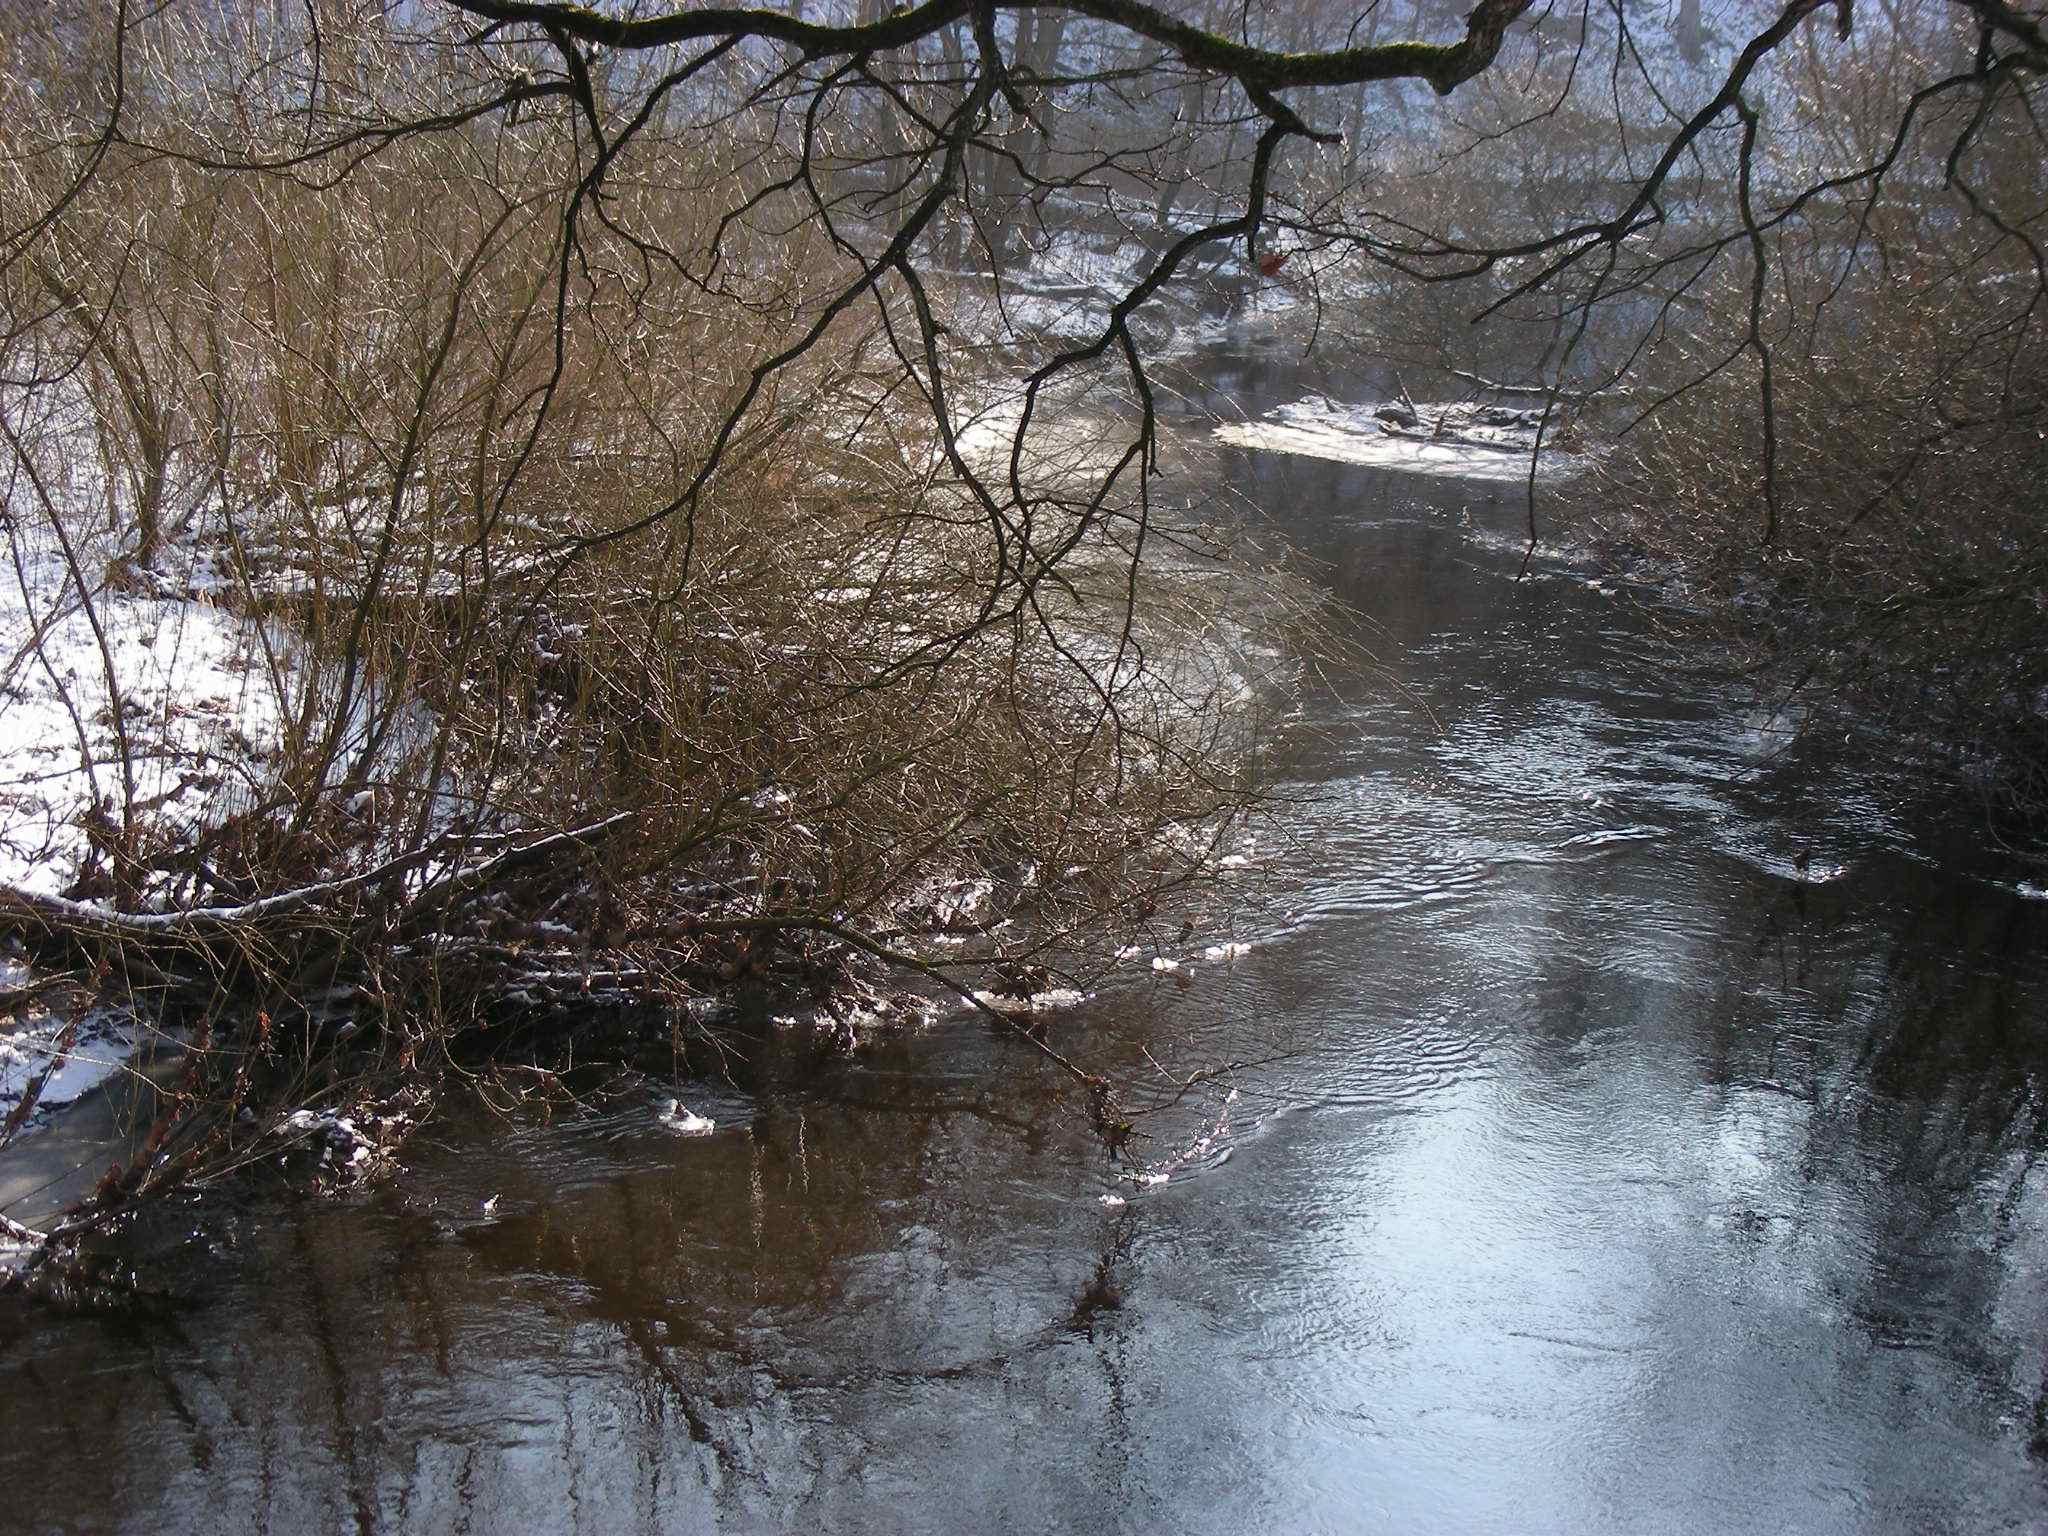 Beteiligungsstrecke, Standort Grevenaubrücke: -15°C in der Nacht - wo die Alster fließt, ist sie am 06.02.2012 nicht zugefroren.